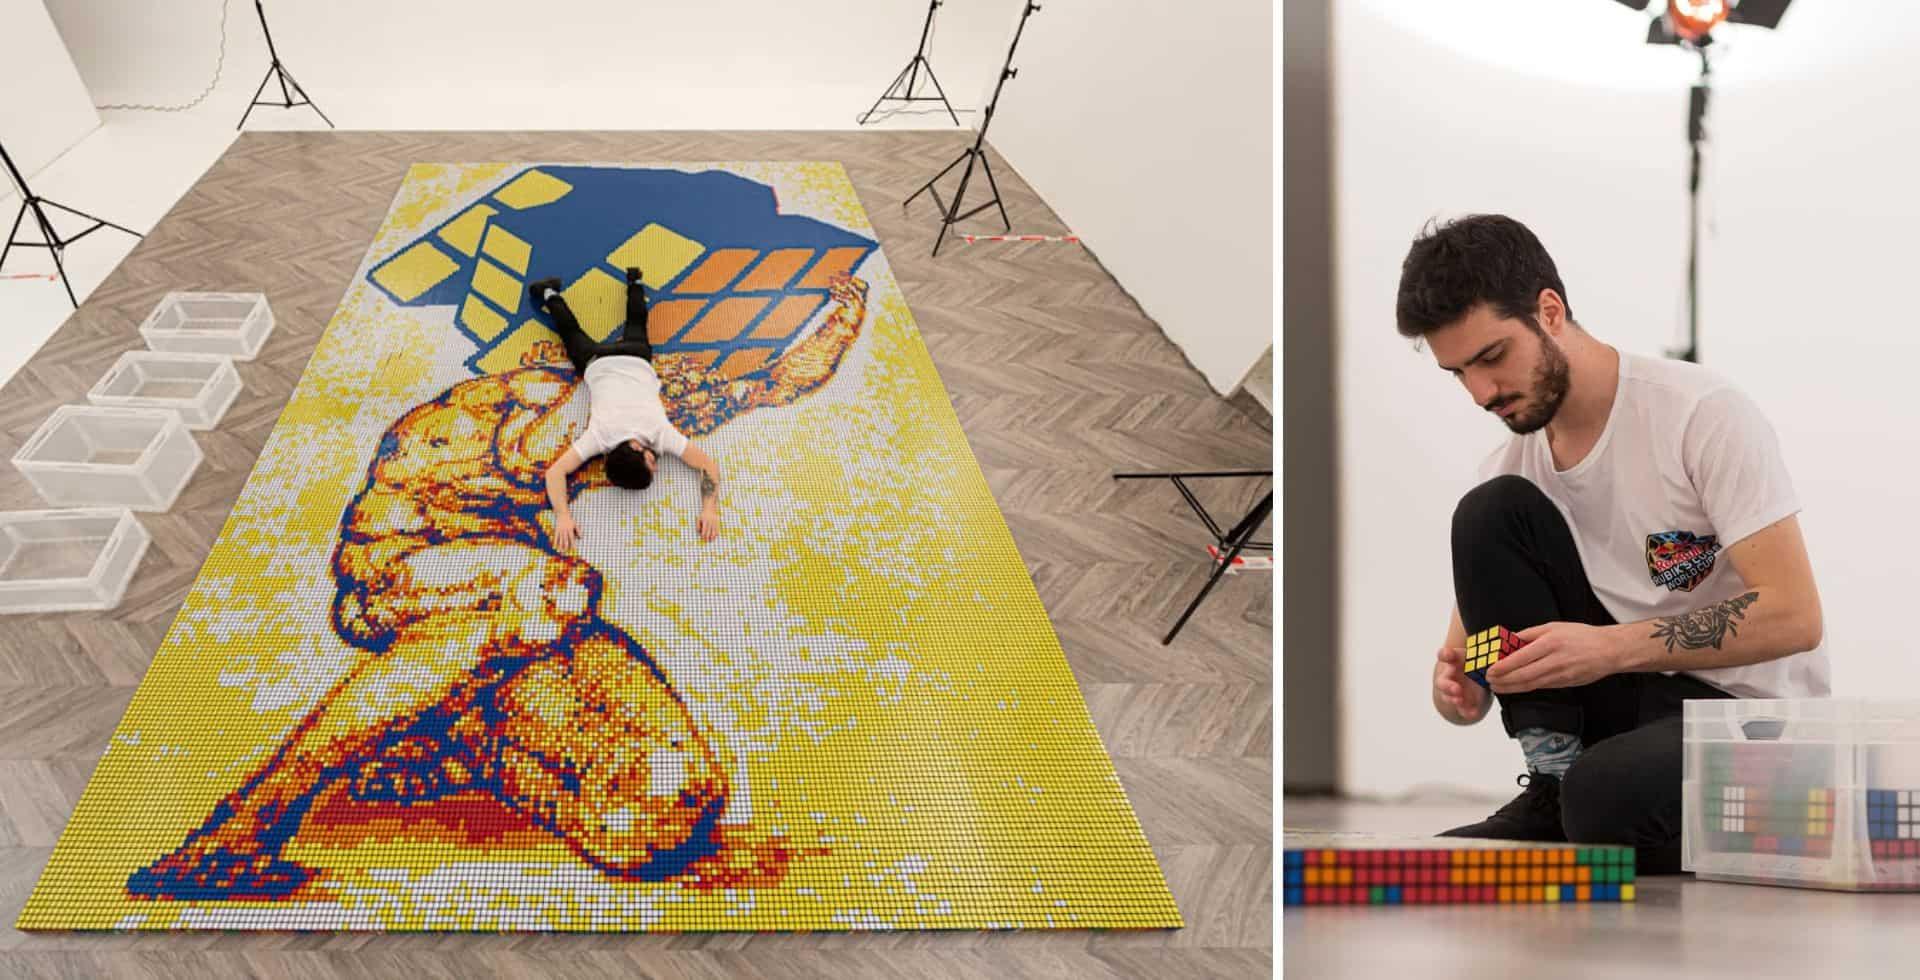 Un artista italiano creó un mosaico de Atlas utilizando más de 6000 cubos Rubik